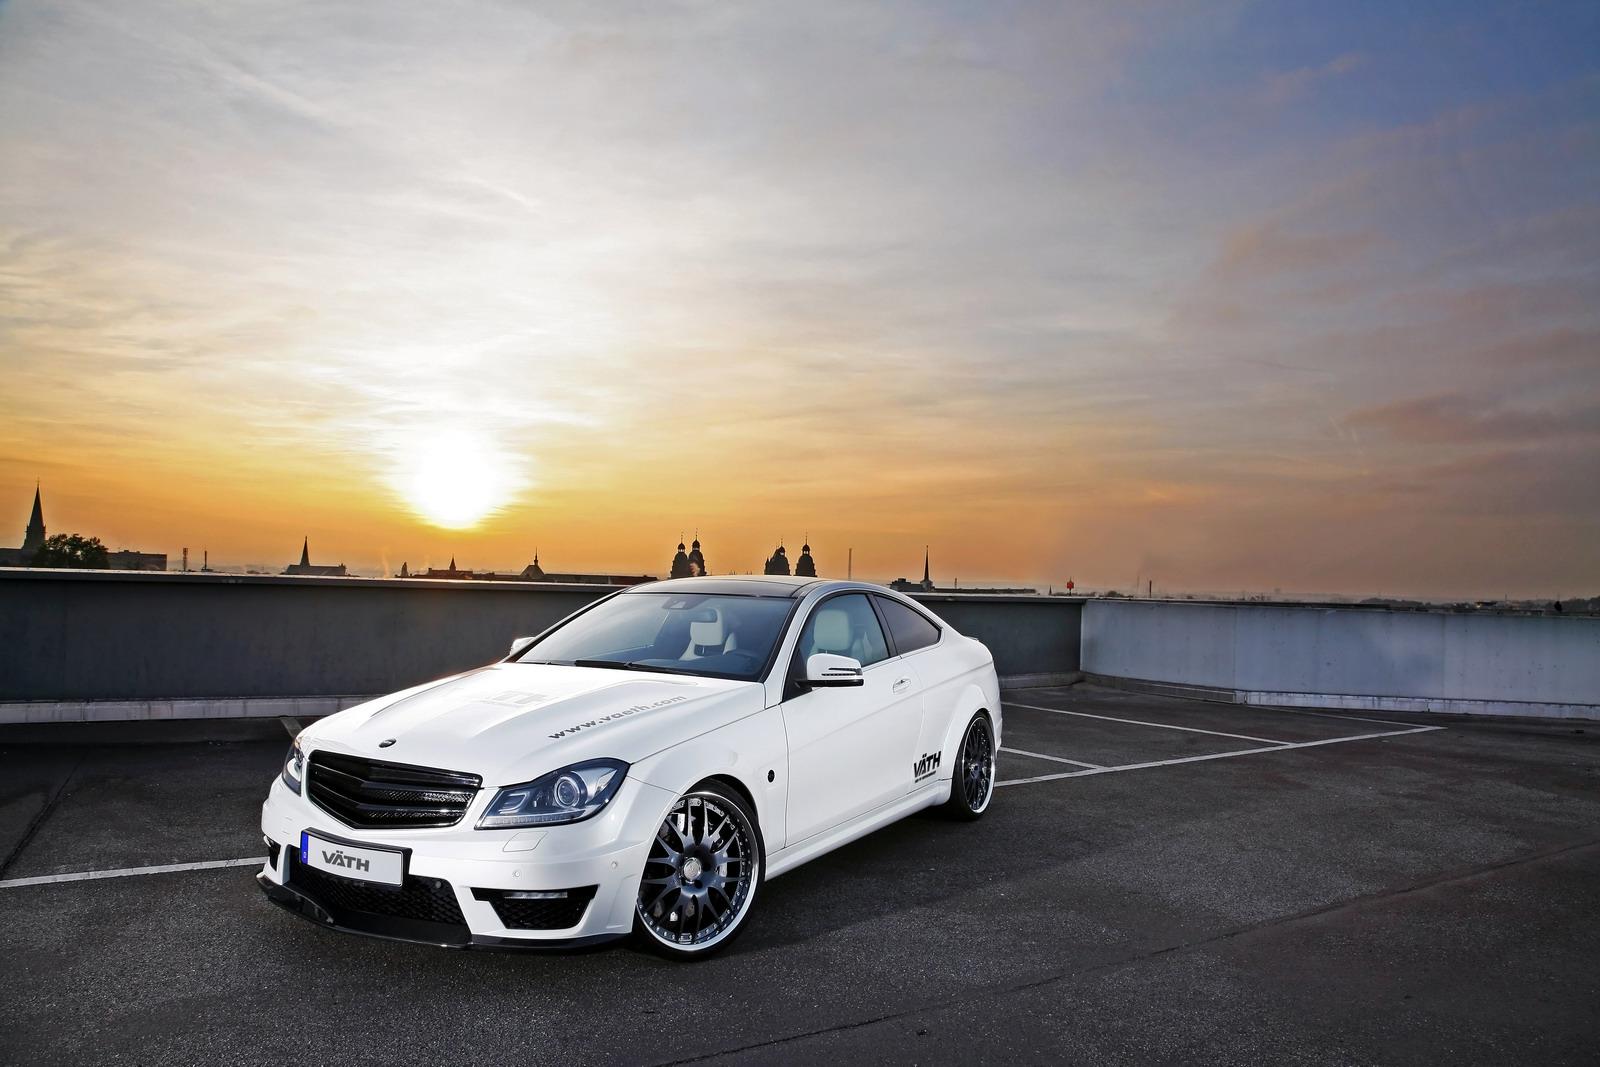 VATH V63 Supercharged aneb vyladěný Mercedes C63 AMG 9